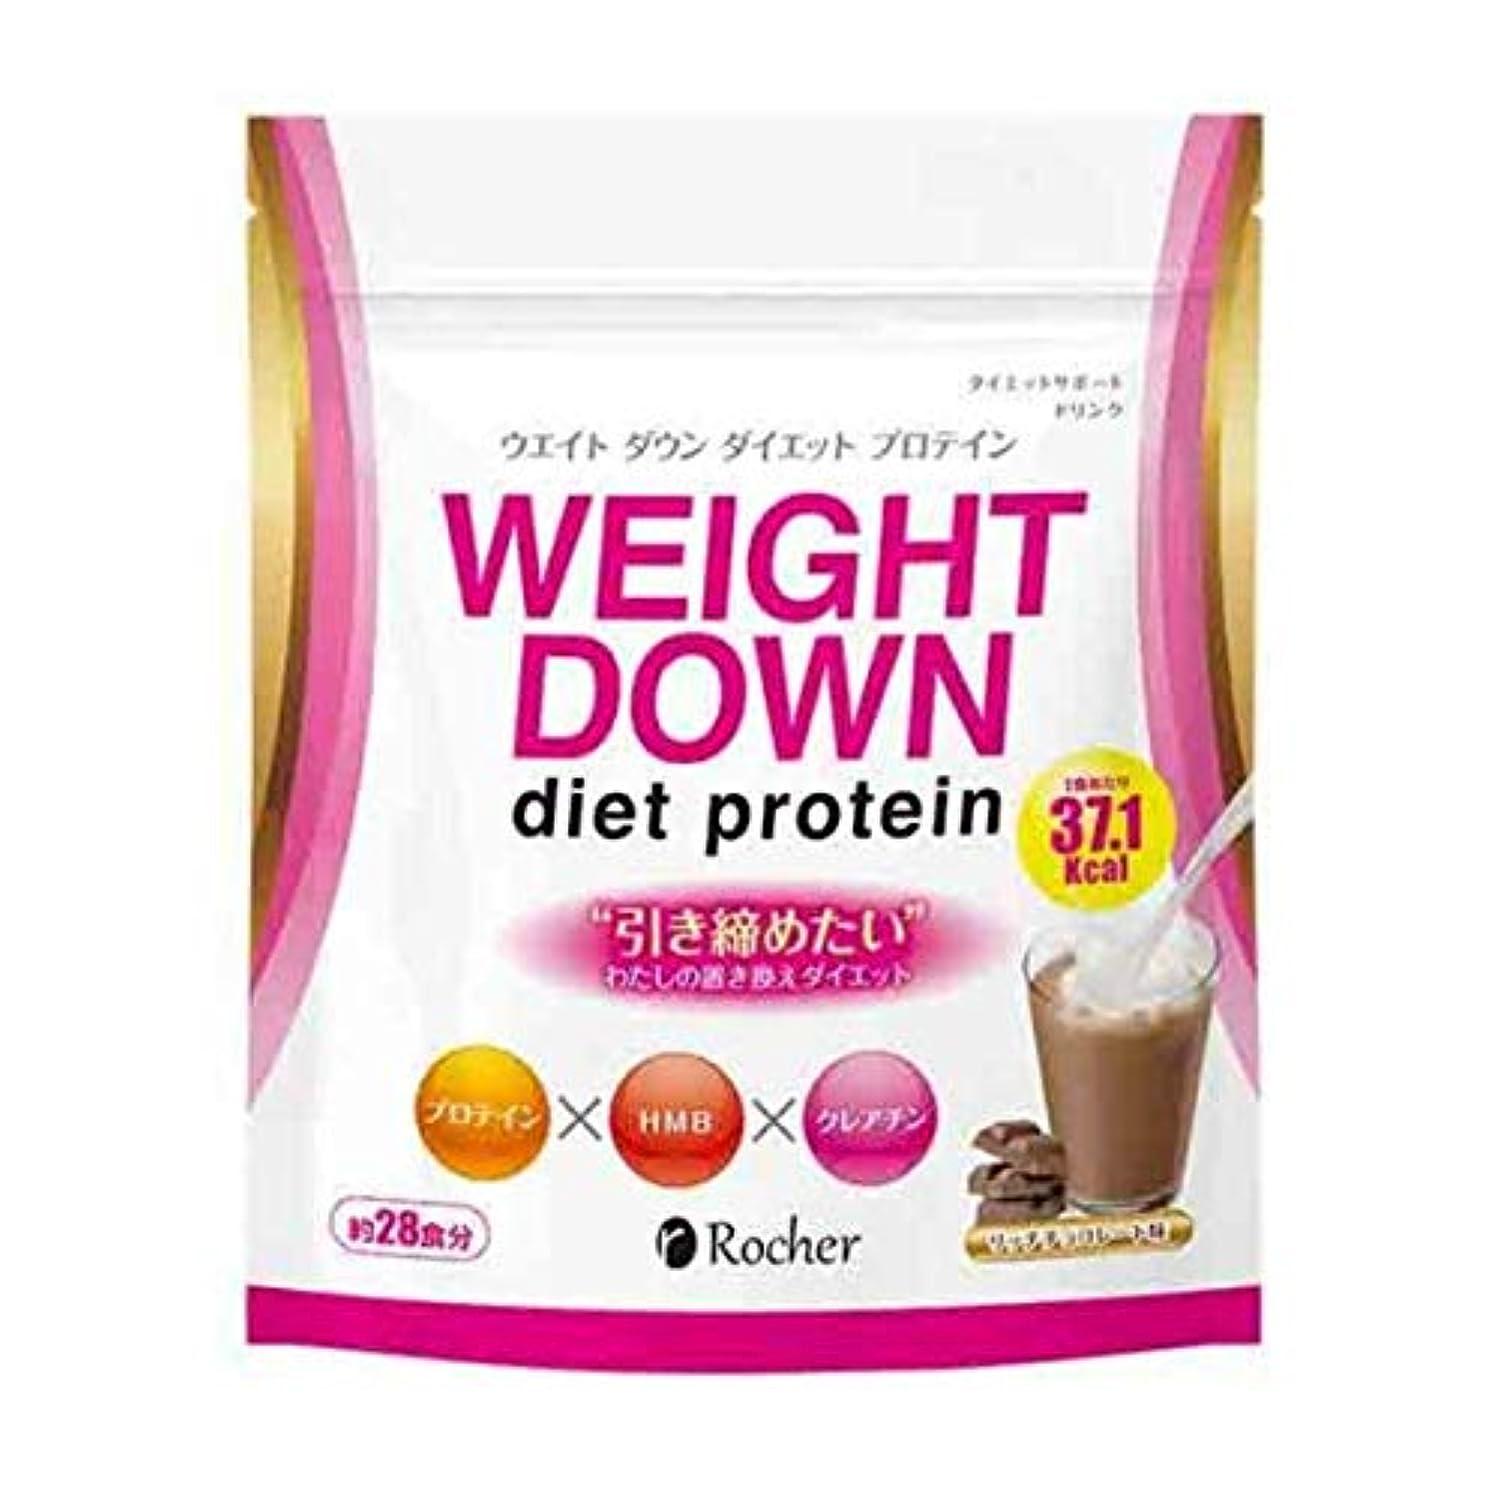 眠いです高速道路マナーウェイトダウン ダイエットプロテイン 置き換えダイエット!栄養バランを考えて作られたダイエットプロテイン